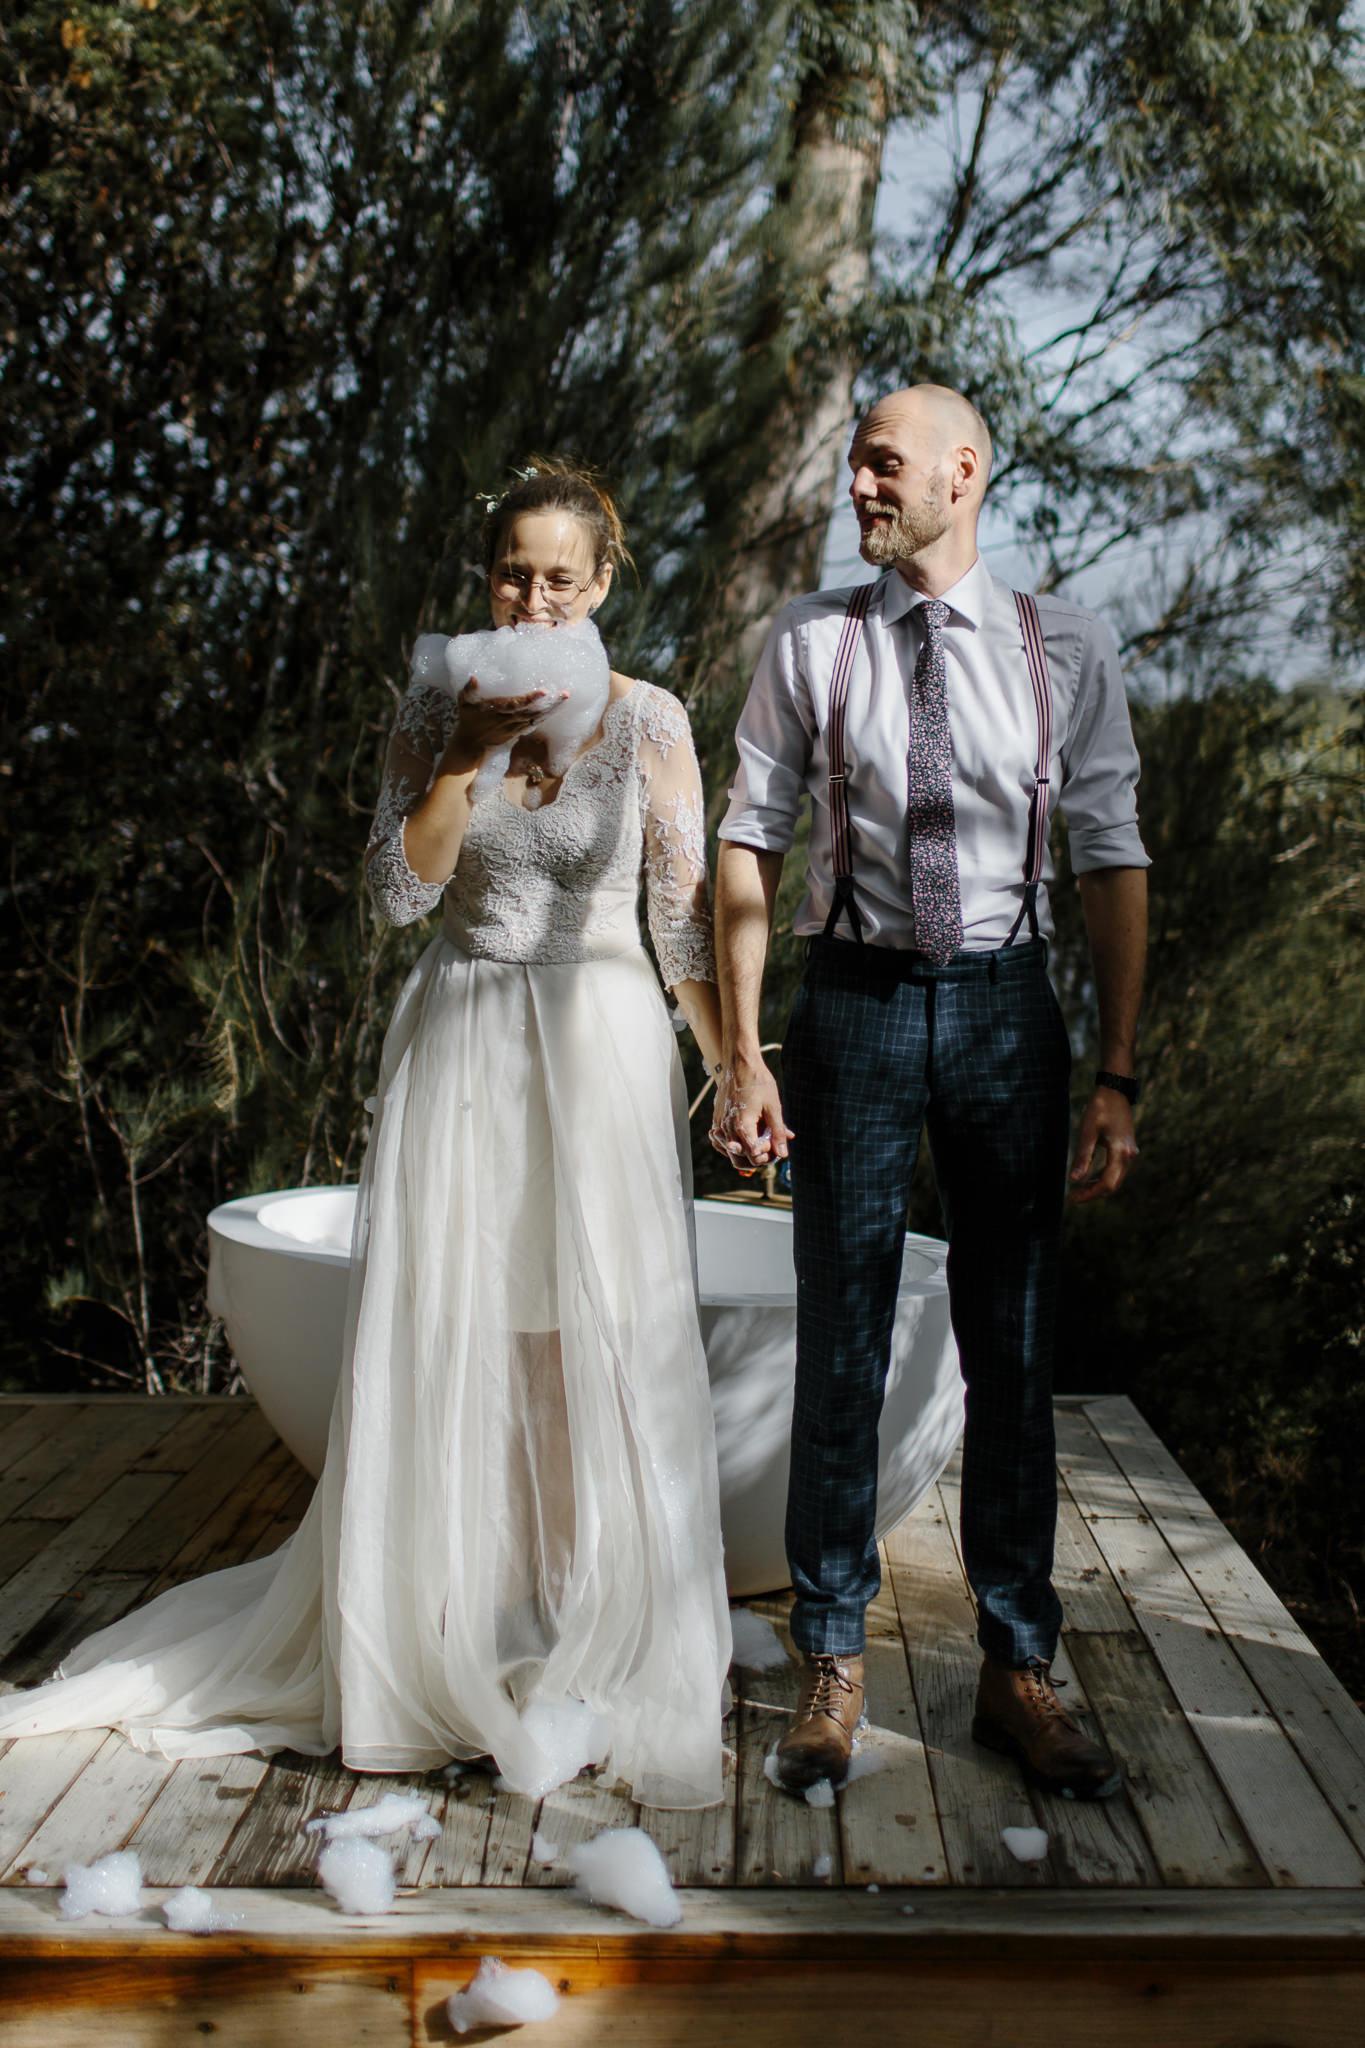 Pumphouse_Point_wedding_photography_elopement635.JPG